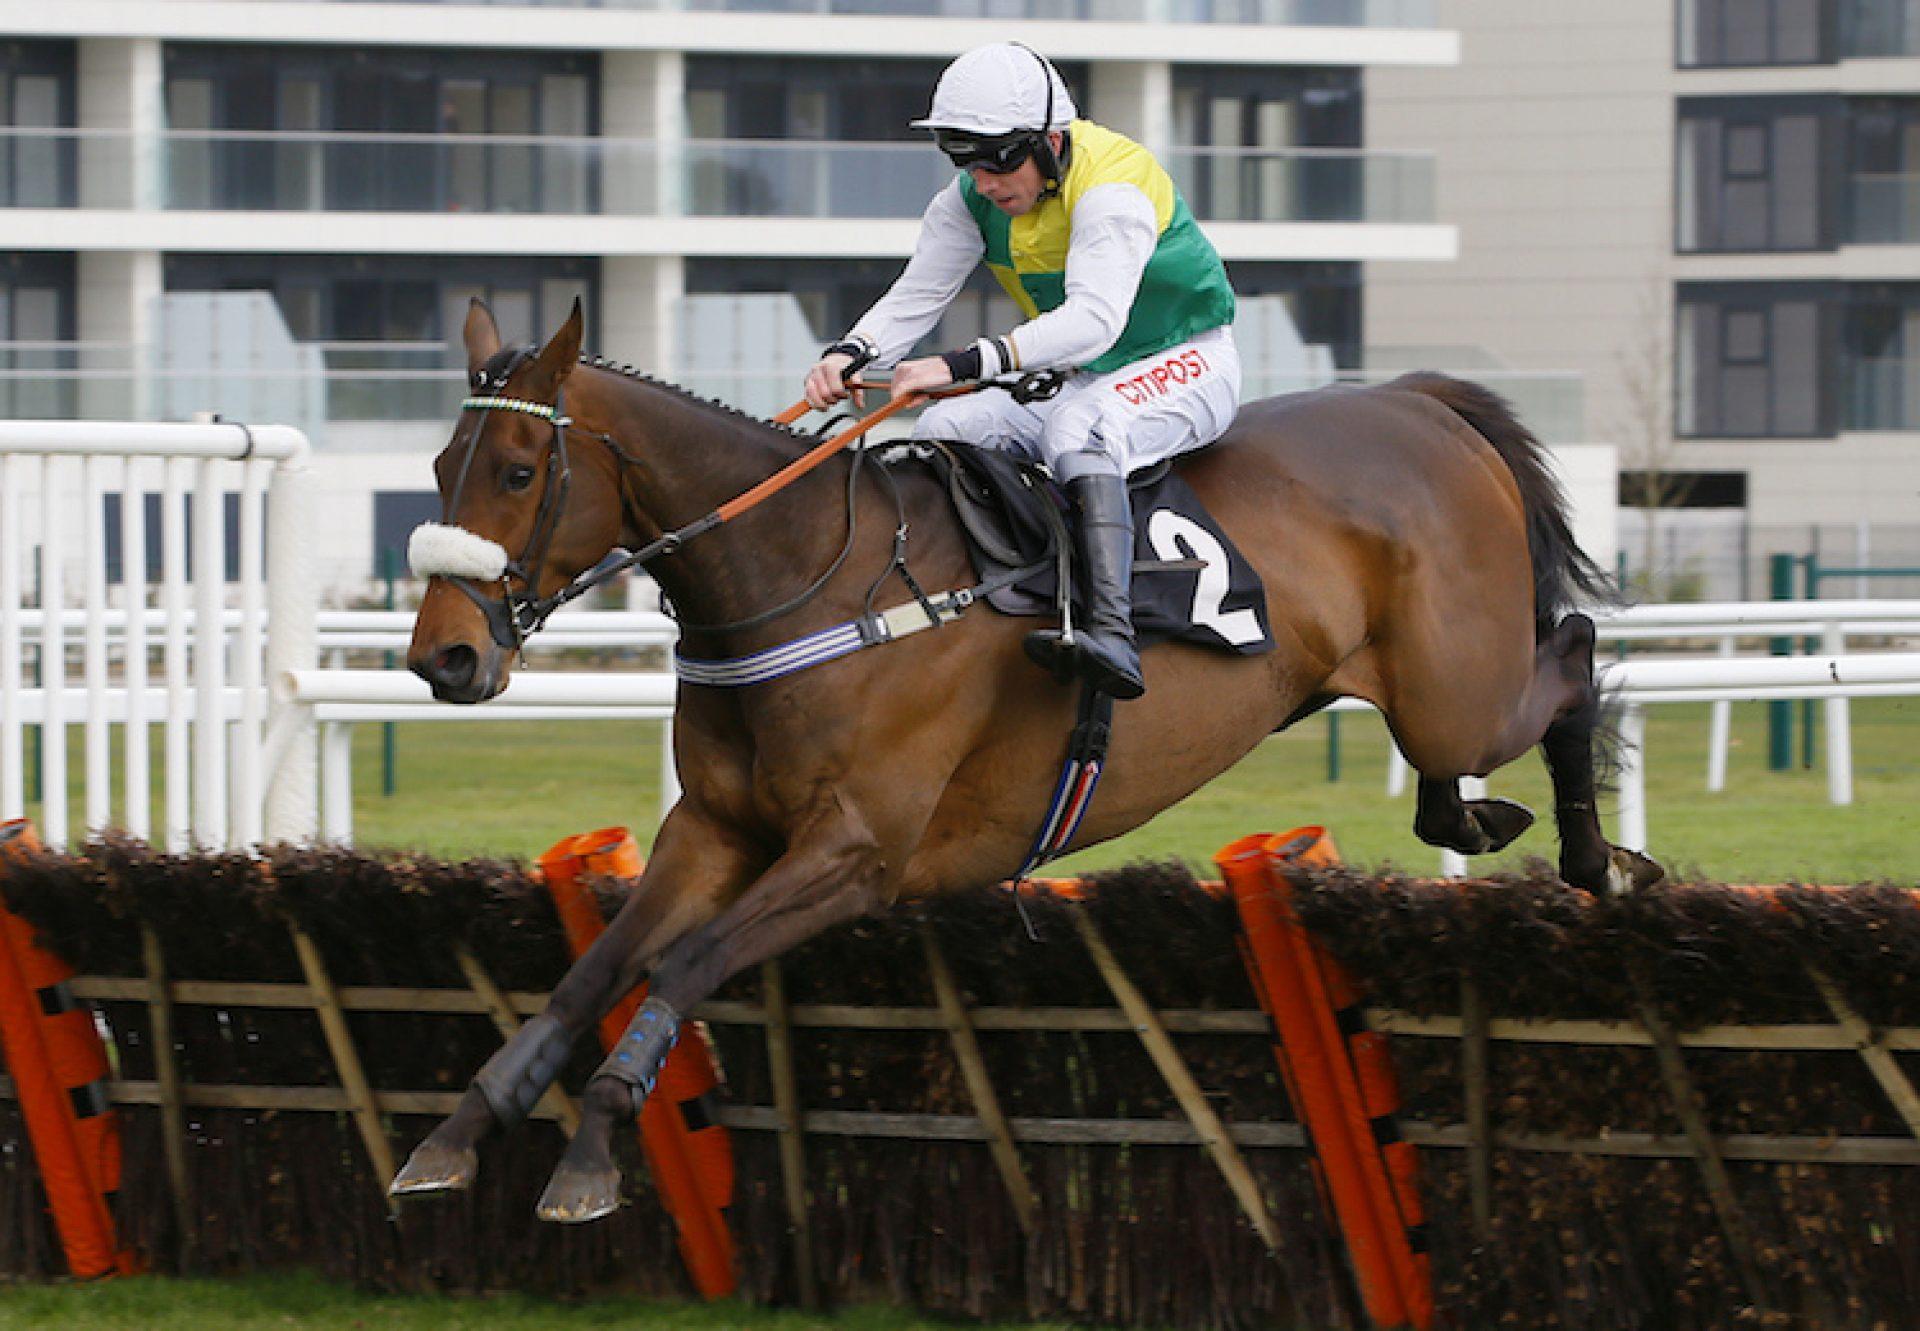 Euxton Lane (Getaway) winning a hurdle race at Newbury